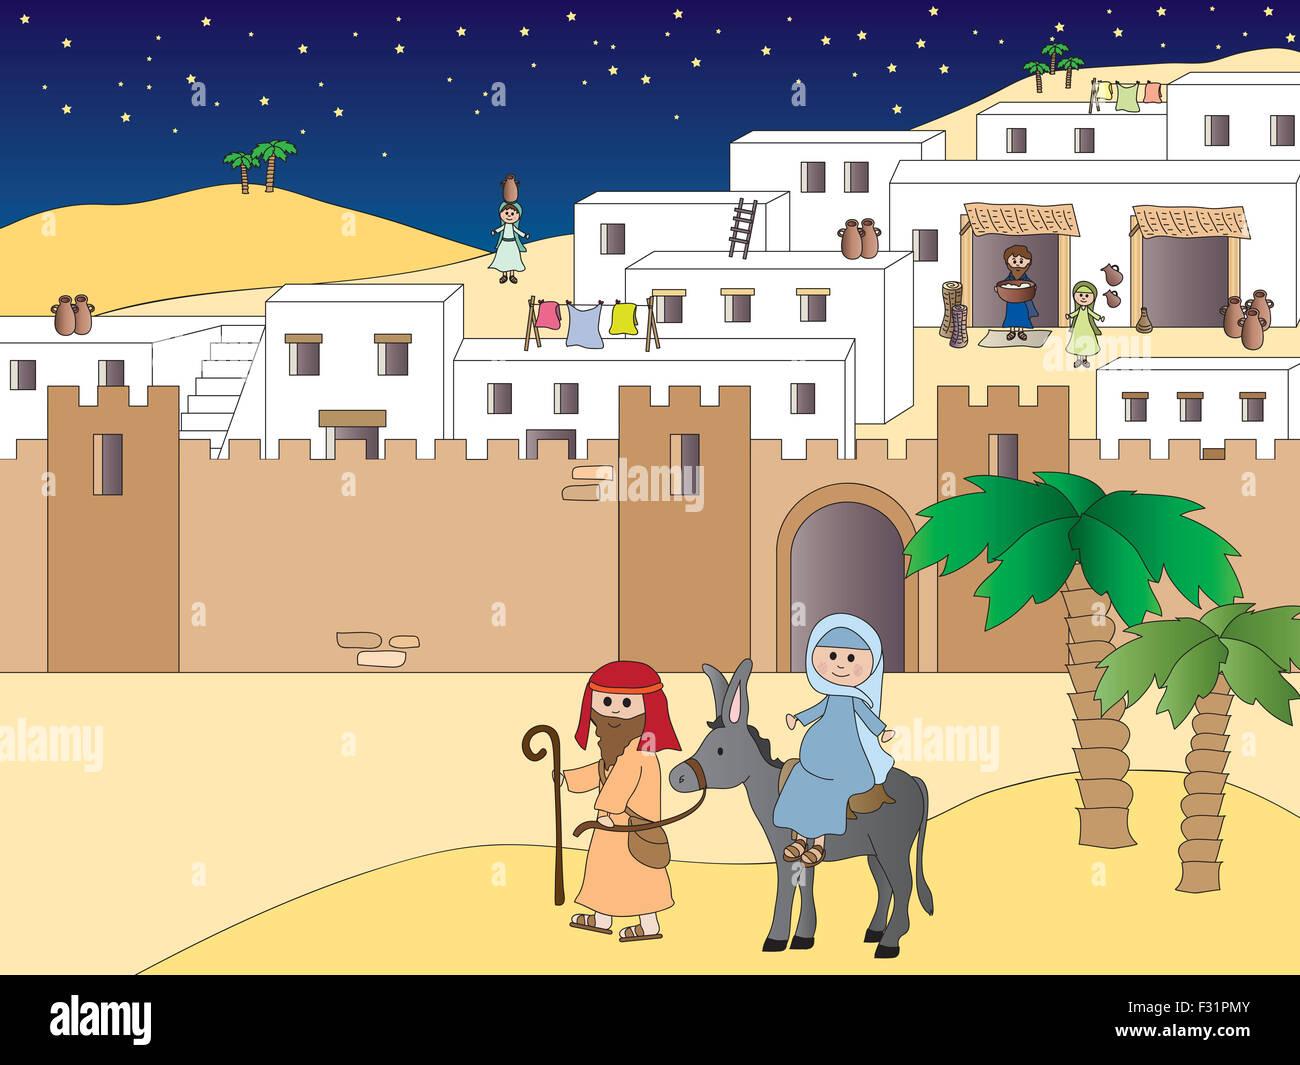 Illustration Of Mary And Joseph Travelling To Bethlehem Stock Photo Alamy